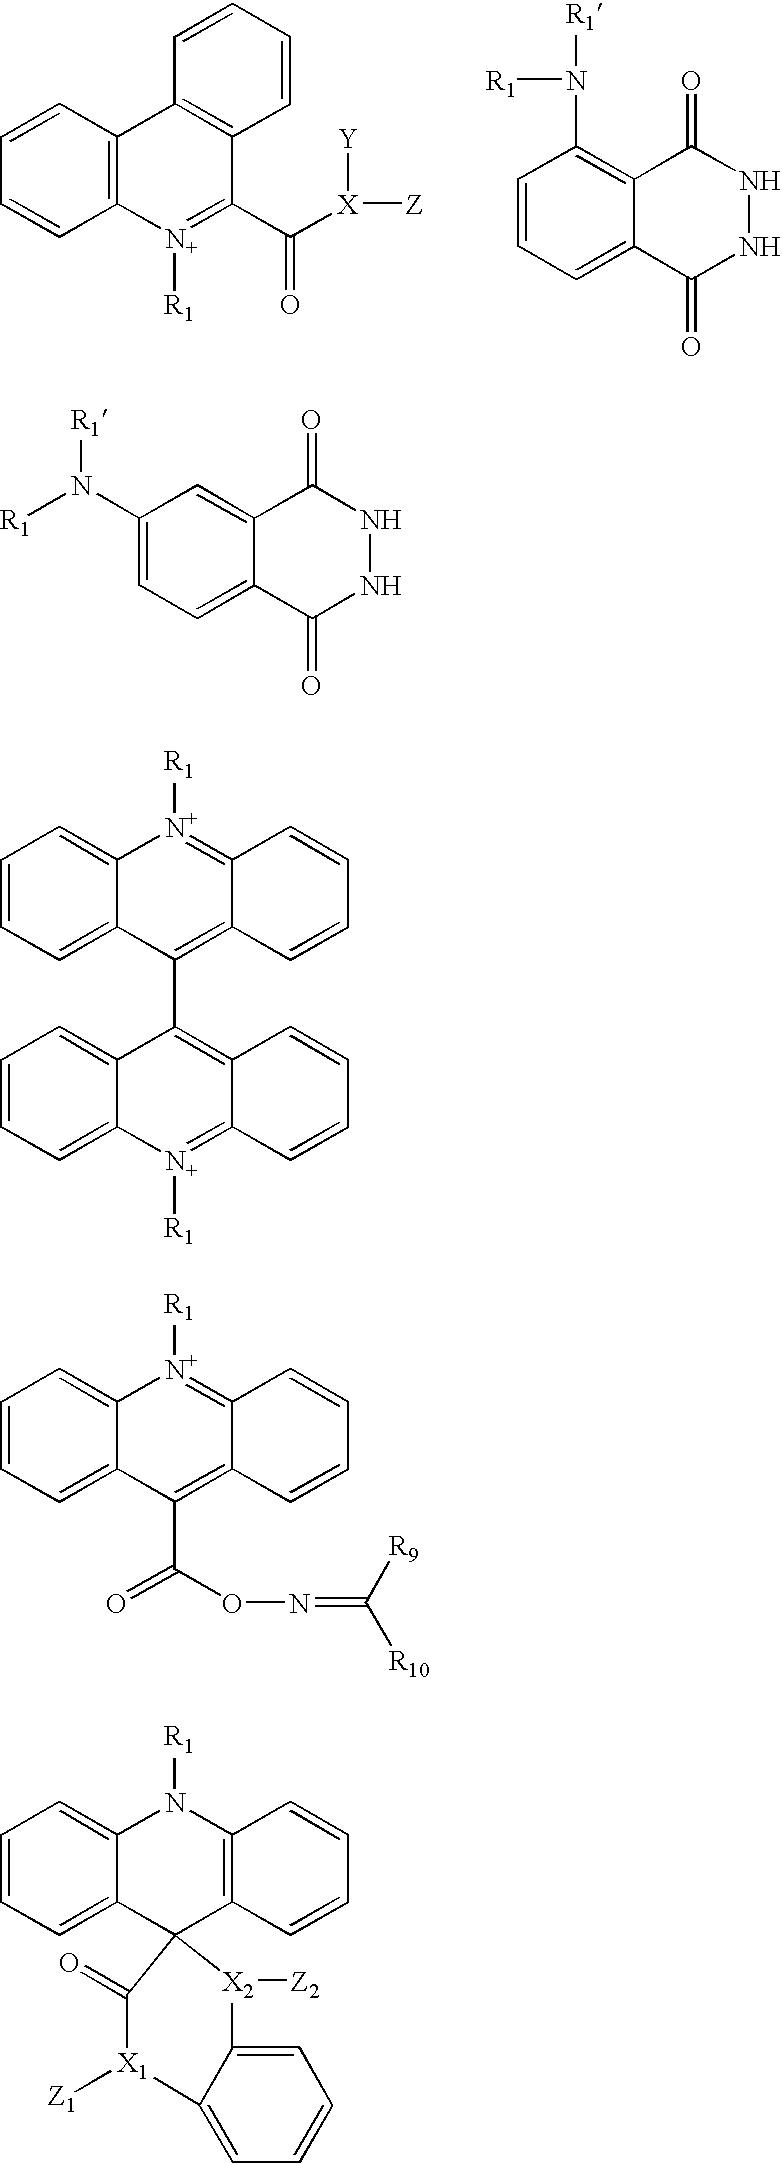 Figure US07459284-20081202-C00005